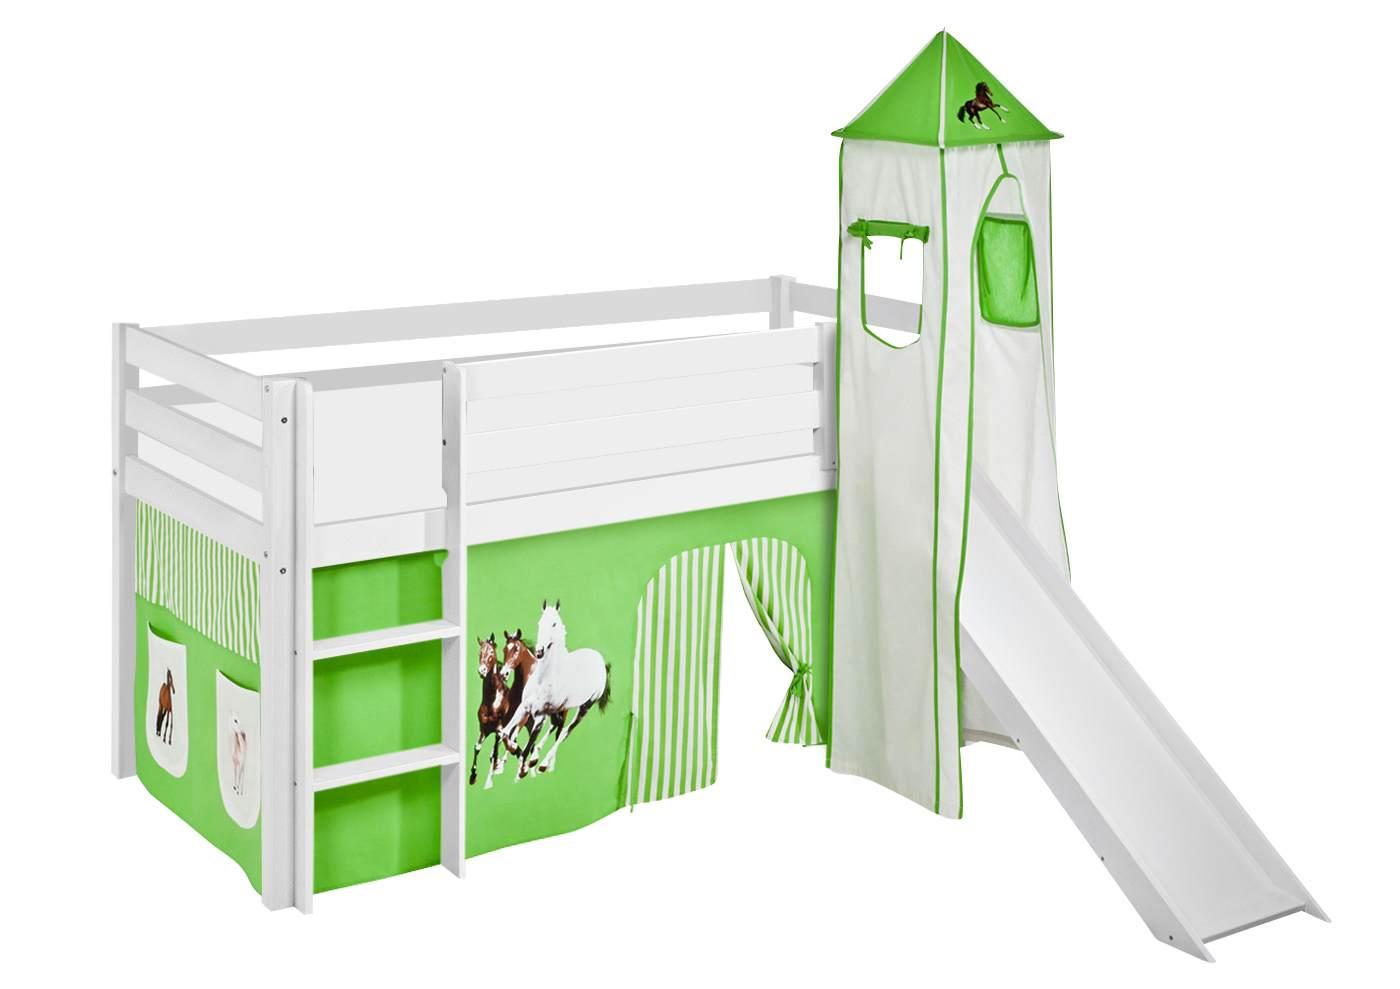 Lilokids 'Jelle' Spielbett 90 x 190 cm, Pferde Grün Beige, Kiefer massiv, mit Turm, Rutsche und Vorhang Bild 1